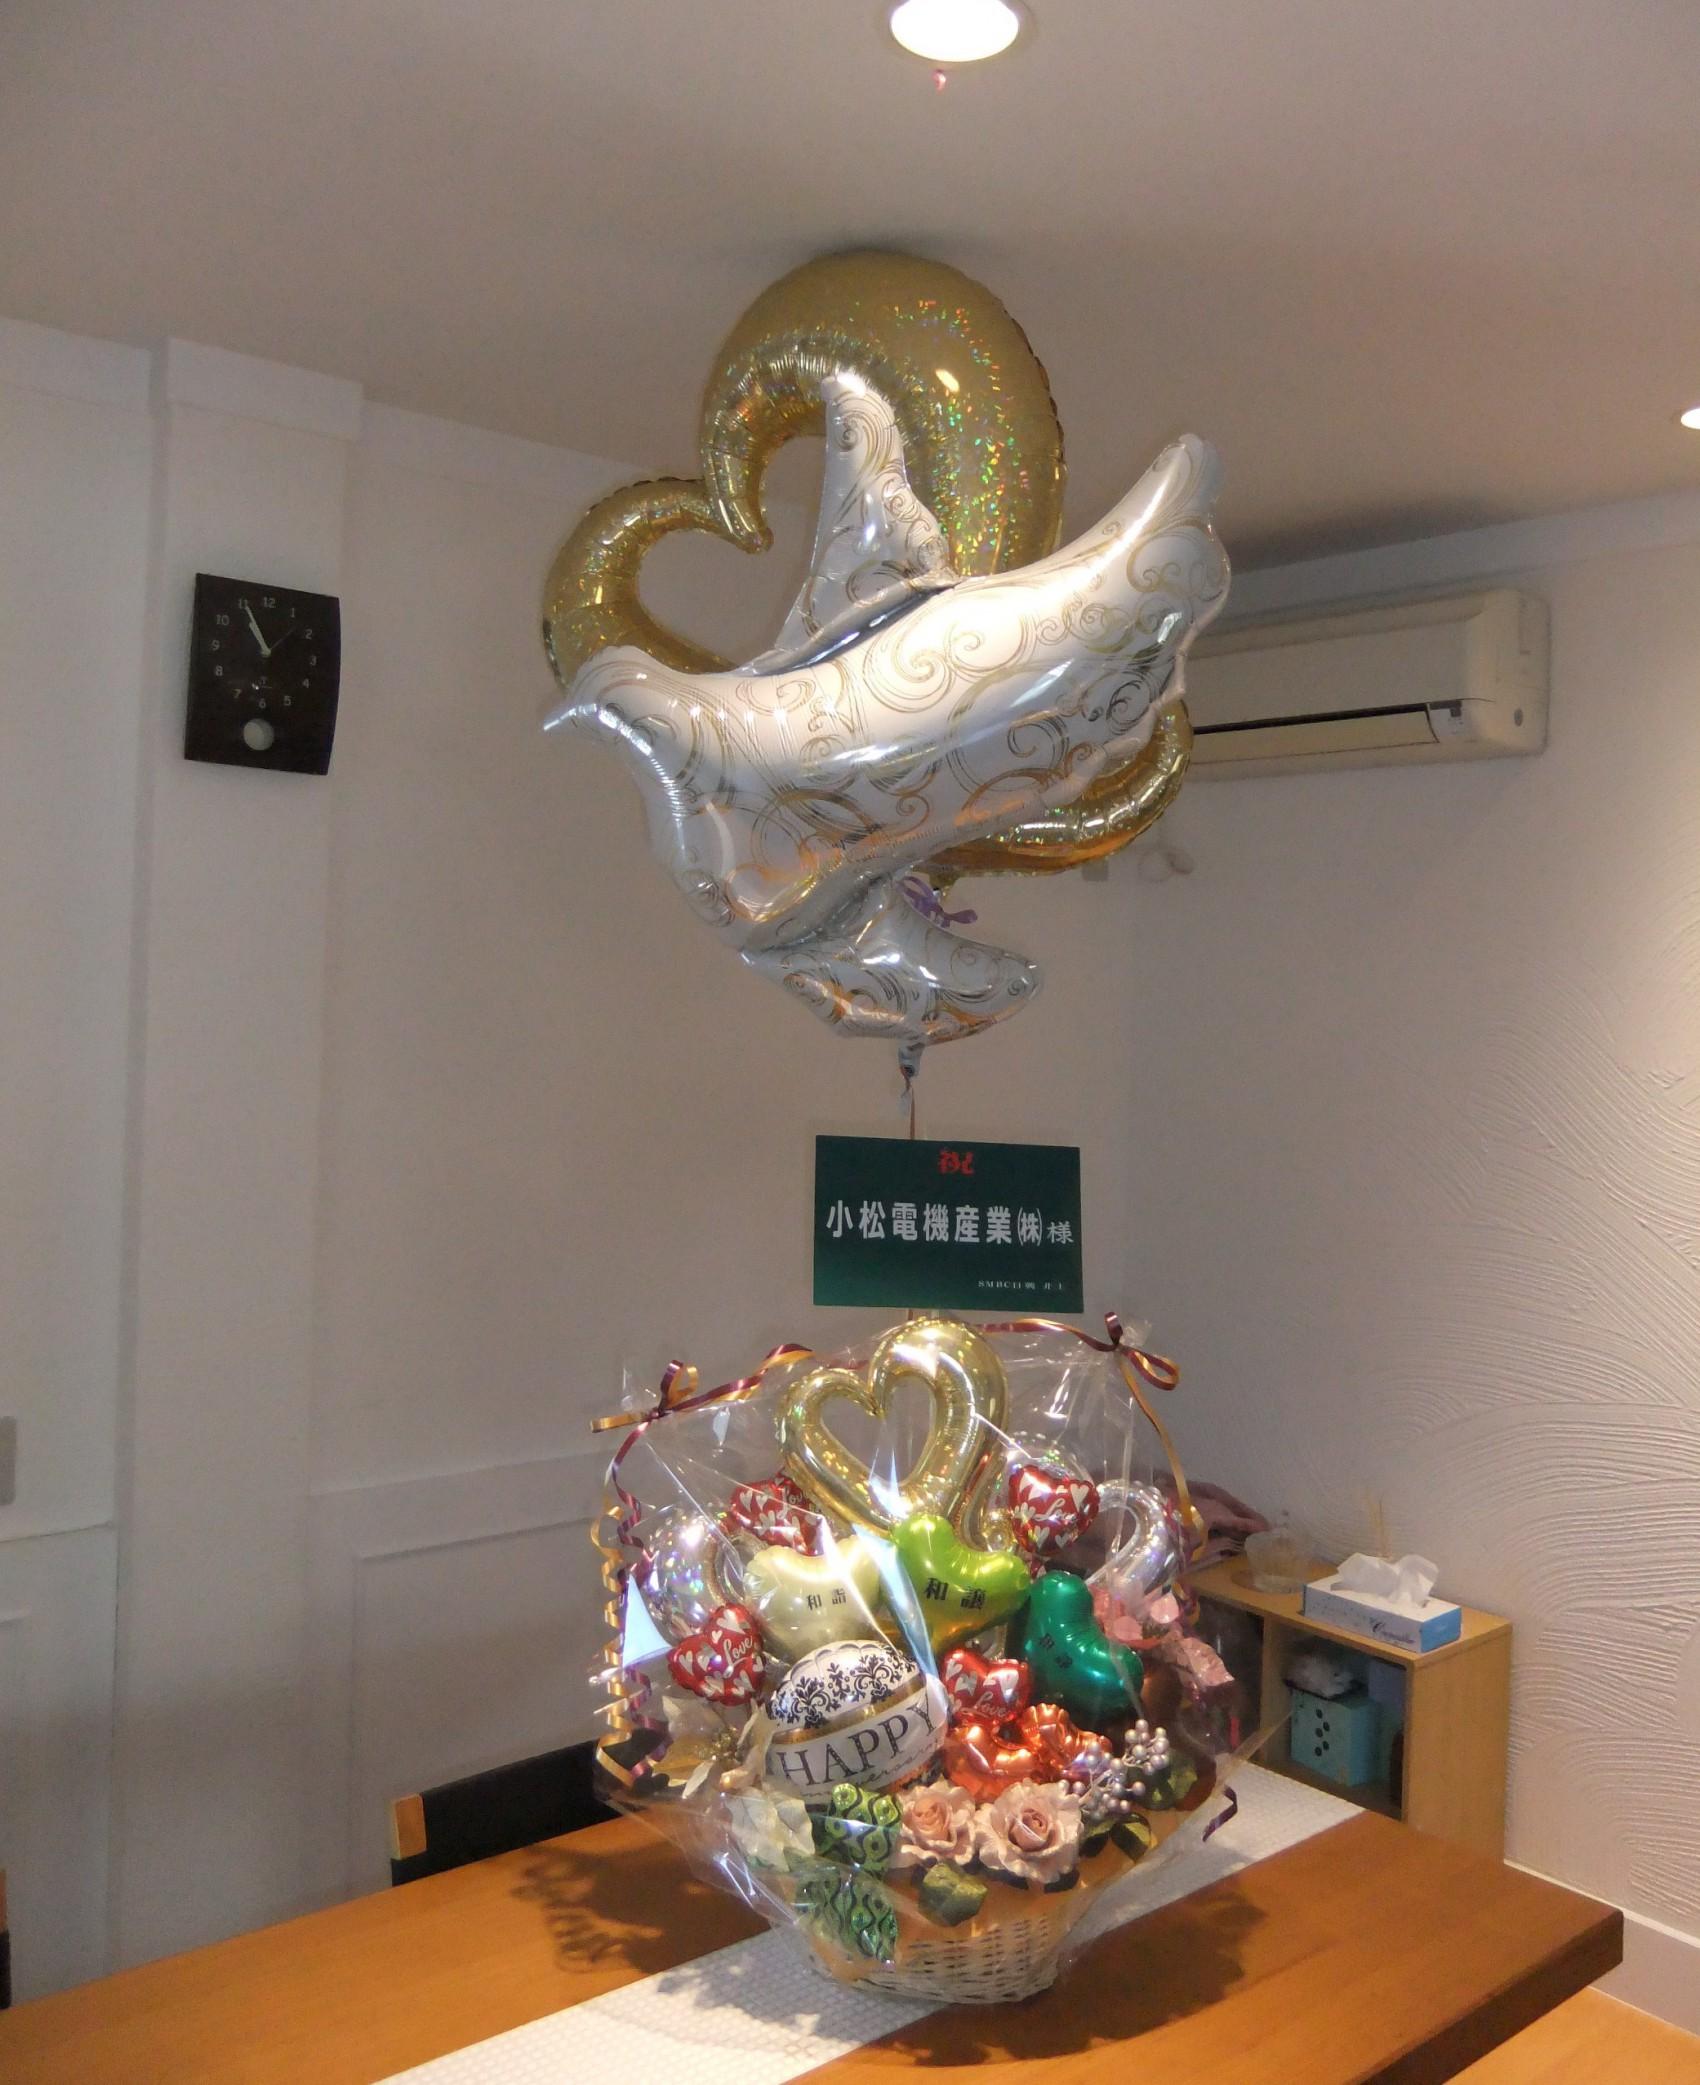 平和をテーマにしたフォーラムへ贈るお祝いのバルーン。平和の象徴ハトとたくさんのハートを使用し「愛」をイメージしました。